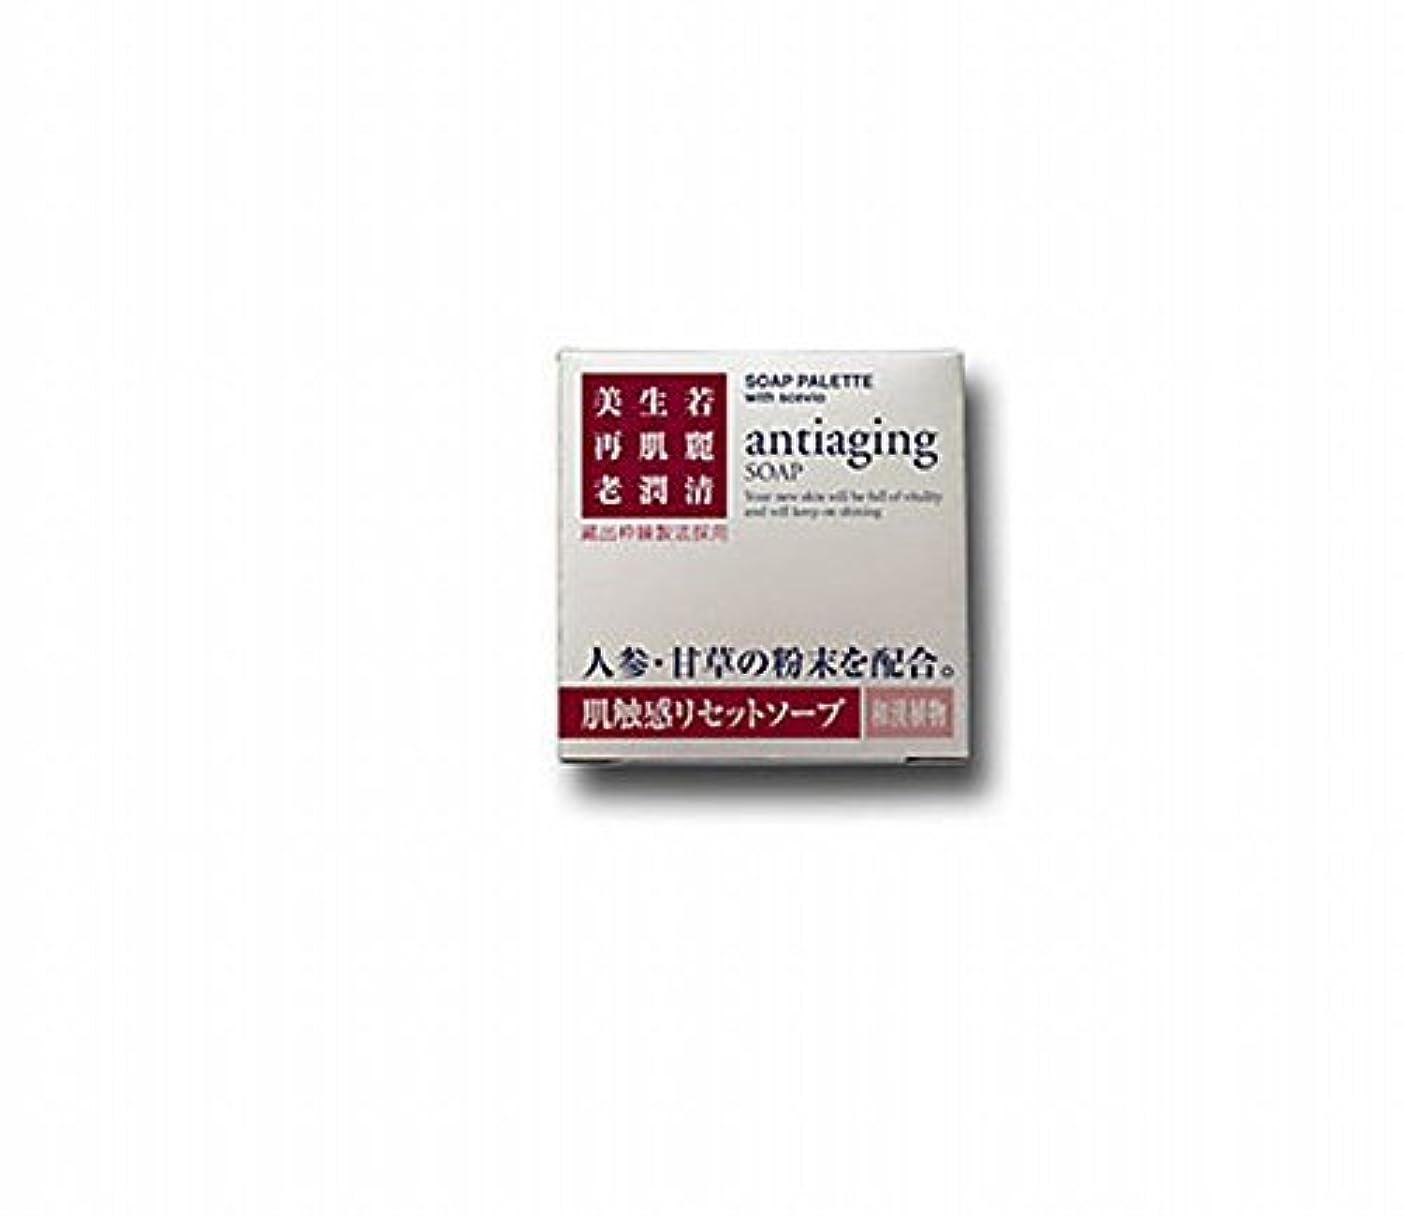 手錠ミシンノベルティビバニーズ スセビオ ソープパレット 【肌触感リセットソープ】 100g